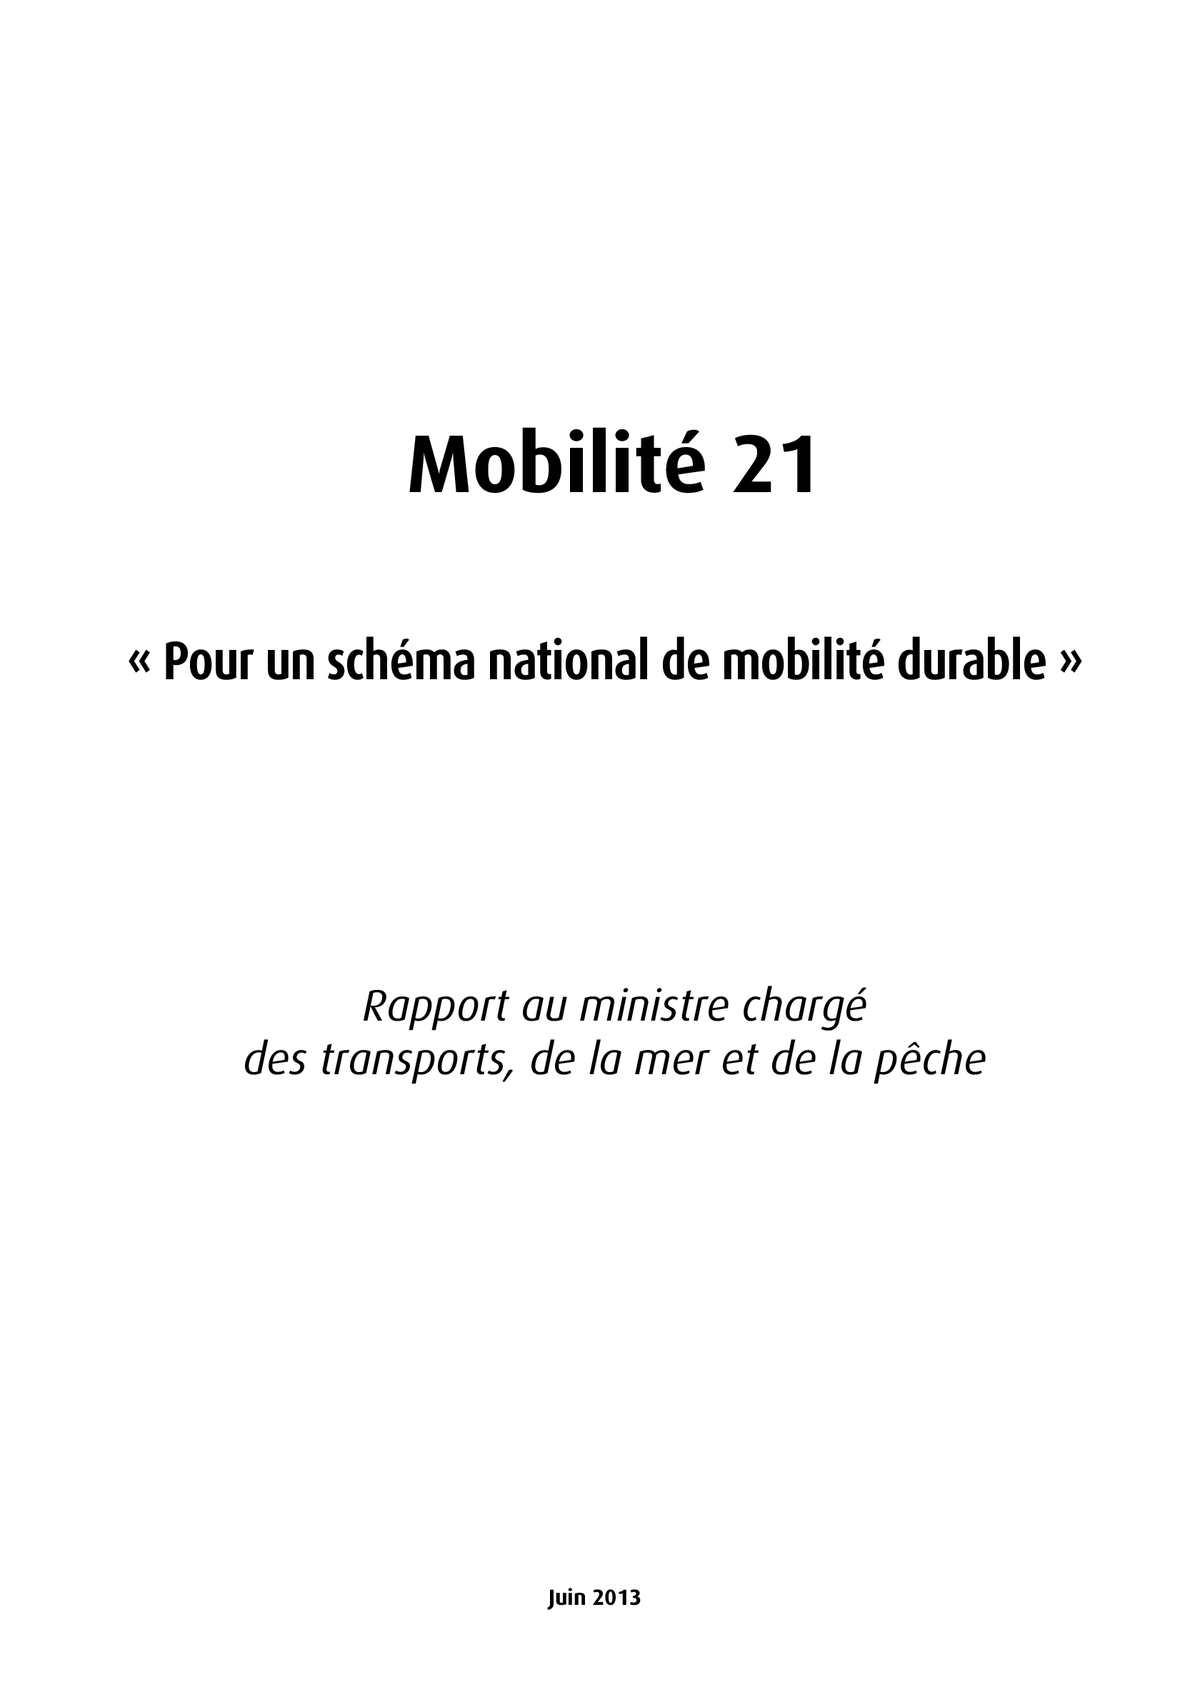 Rapport Mobilité 21